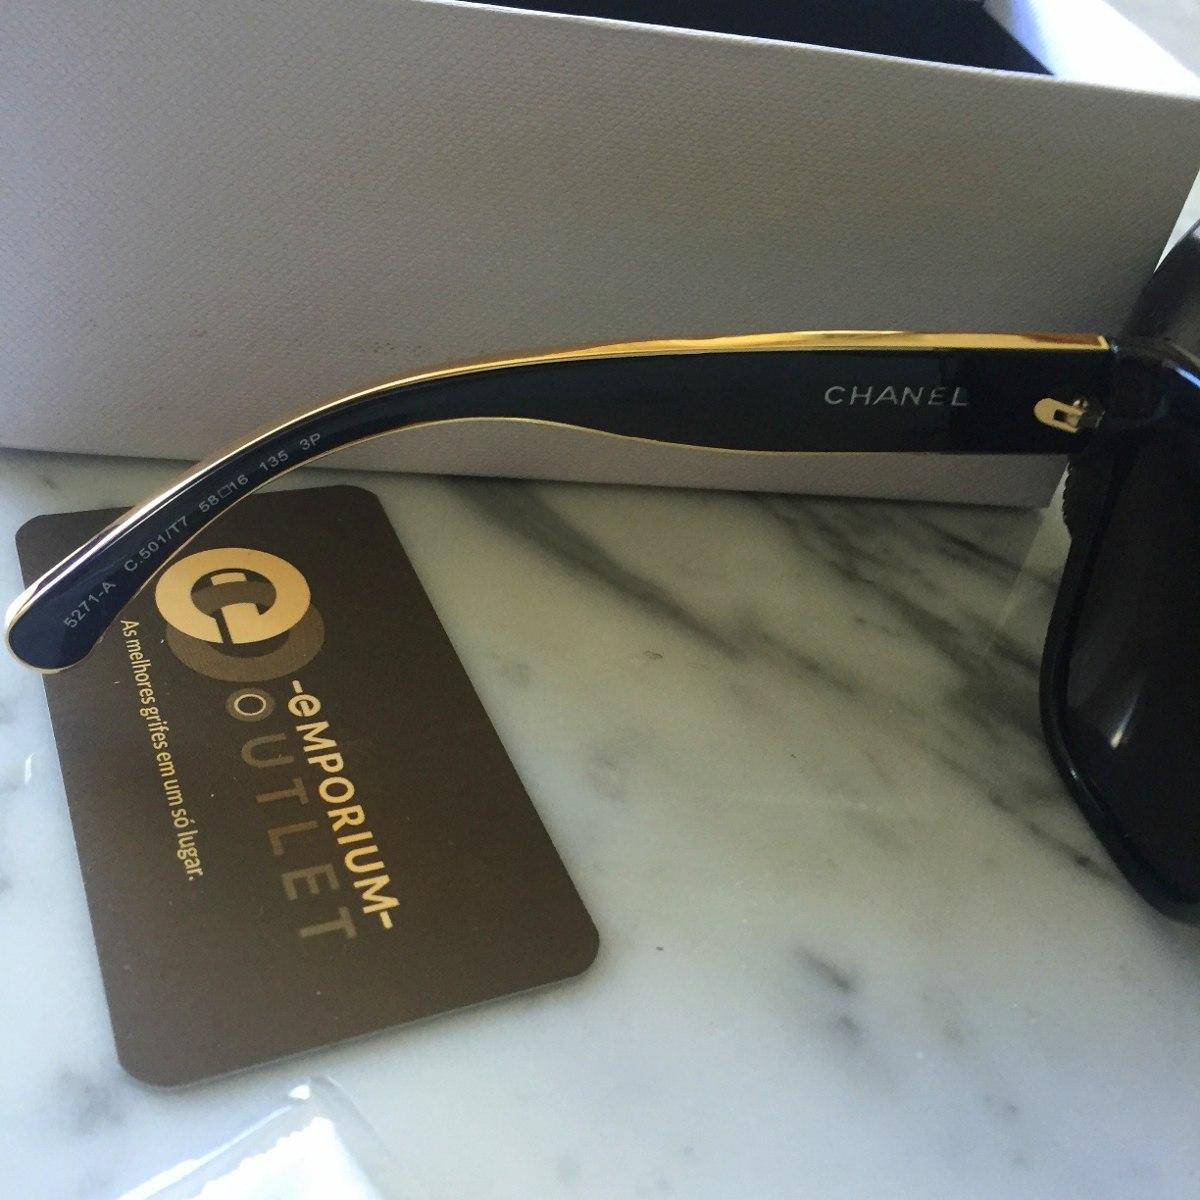 Oculos Chanel 5271 Original Cat Eye Gatinho Lançamento - R  549,00 ... cb34e517d7